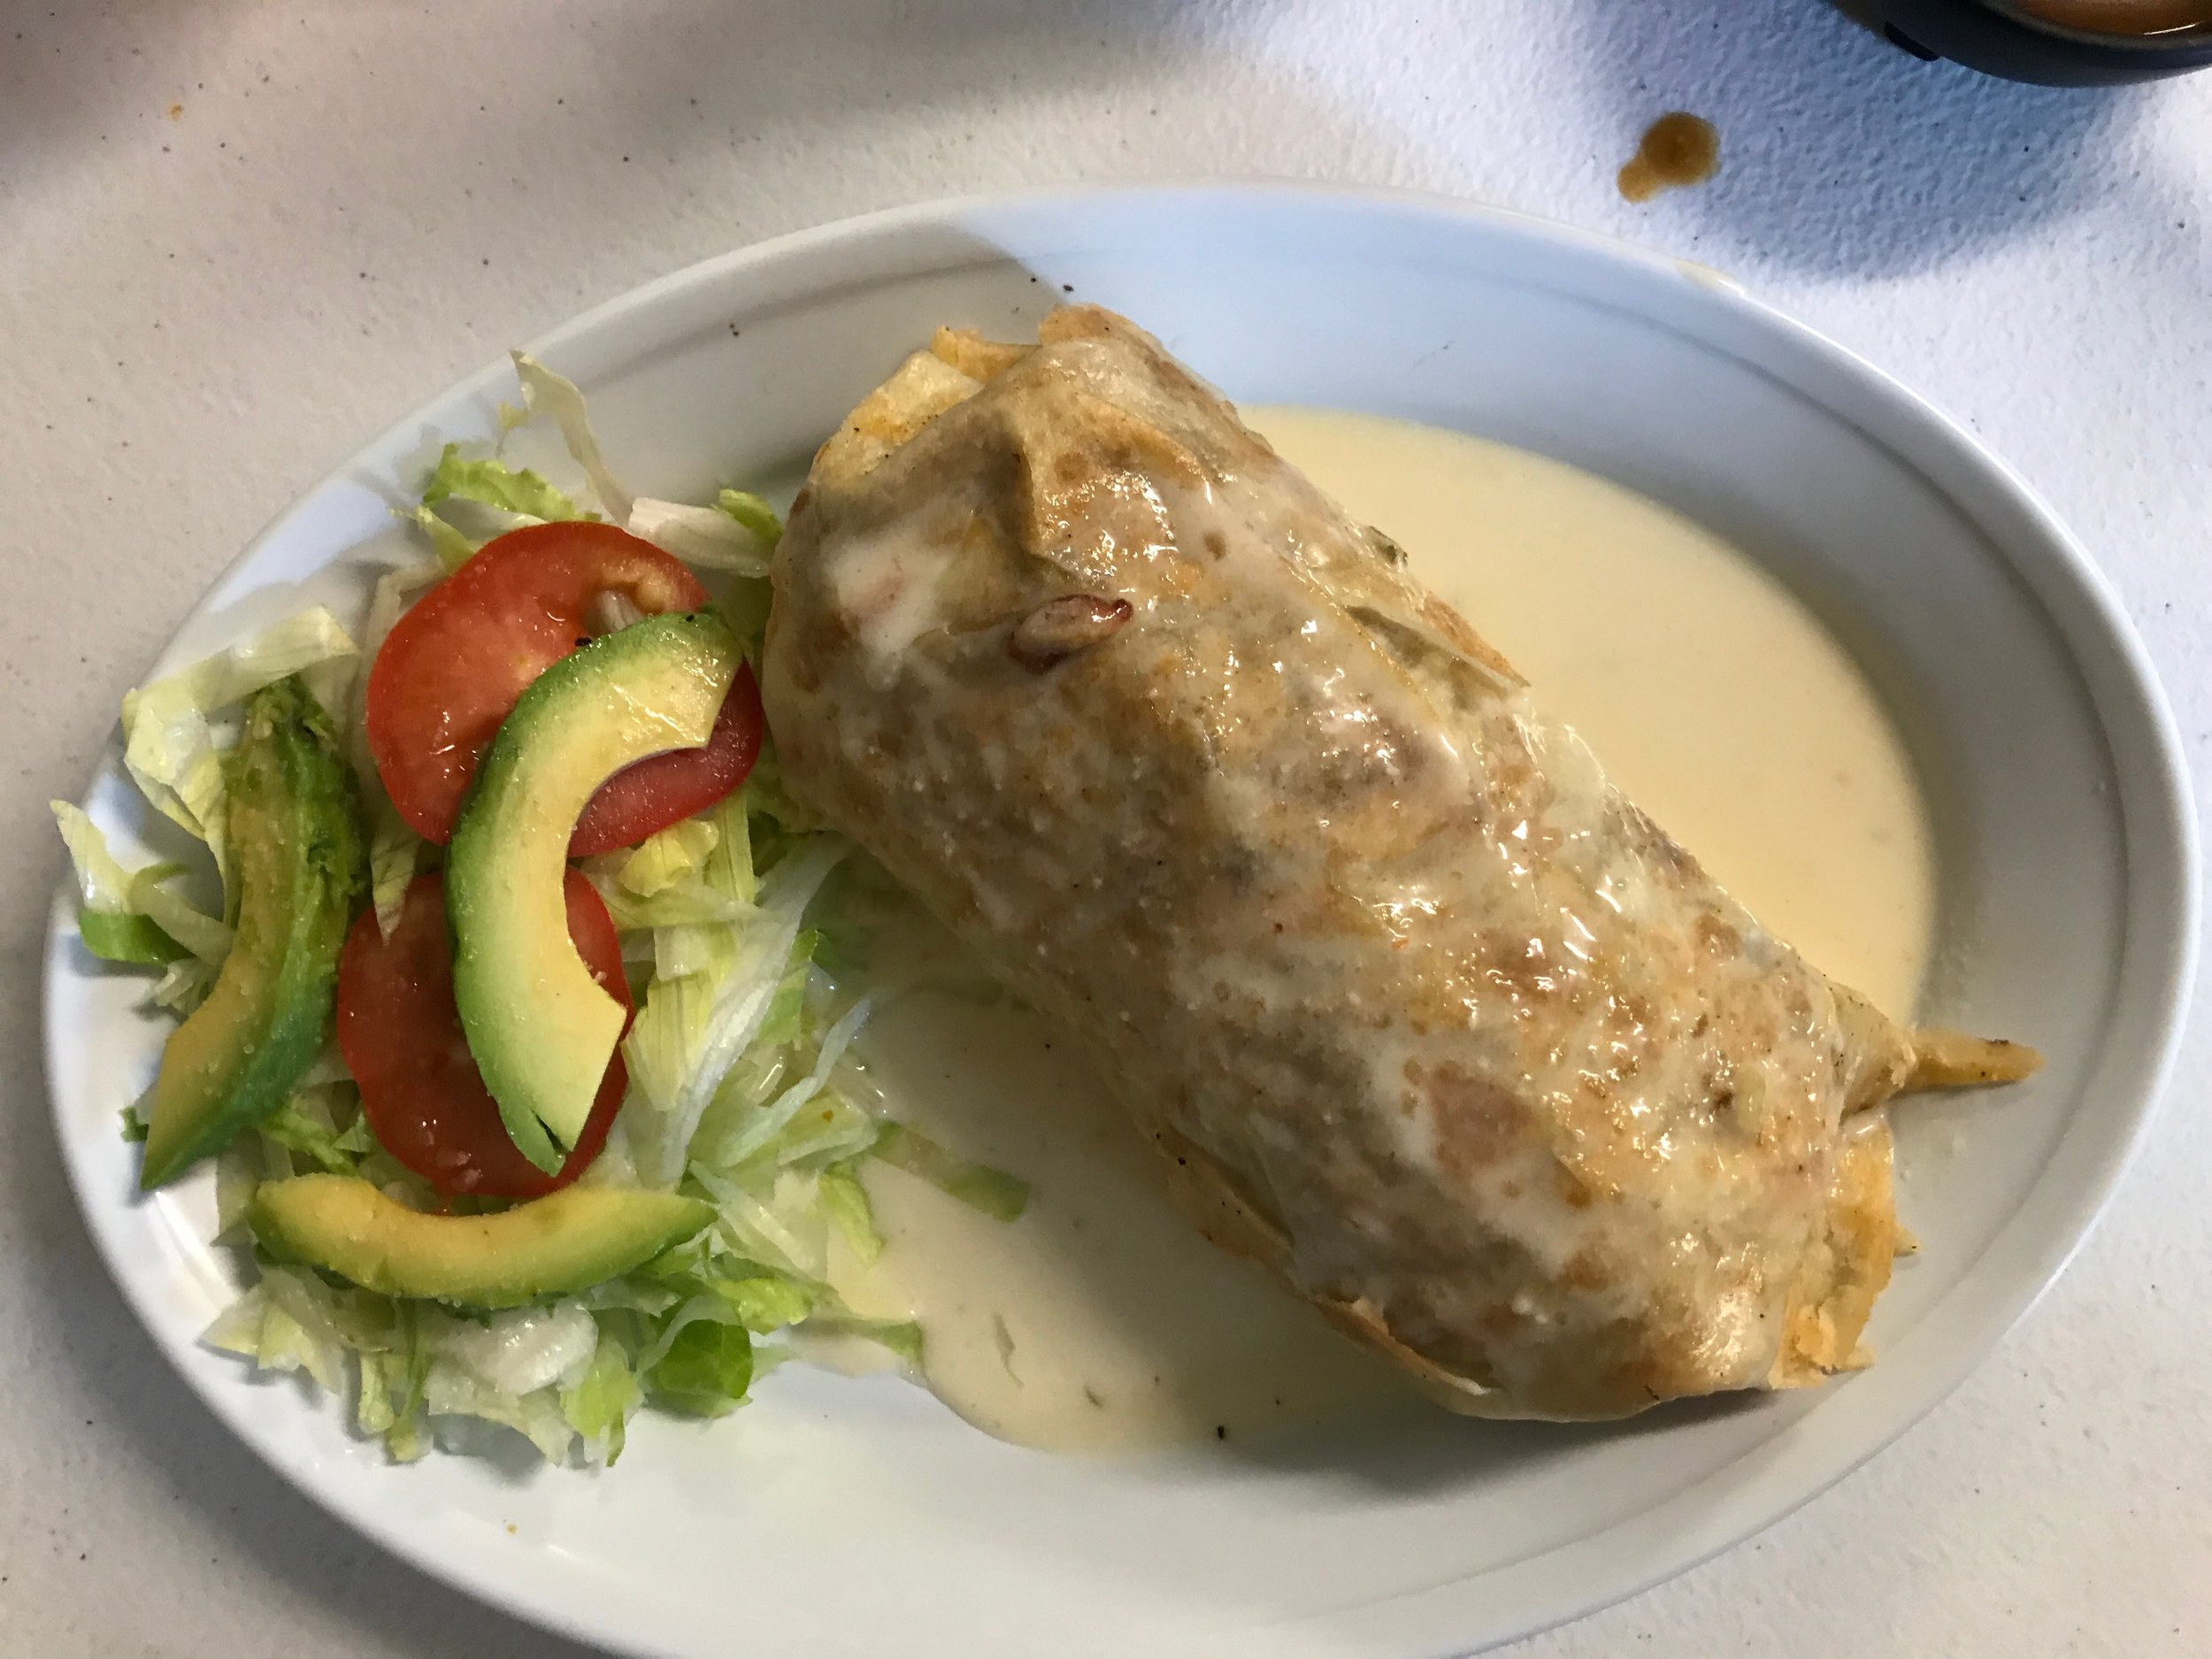 Chimichanga and Salad